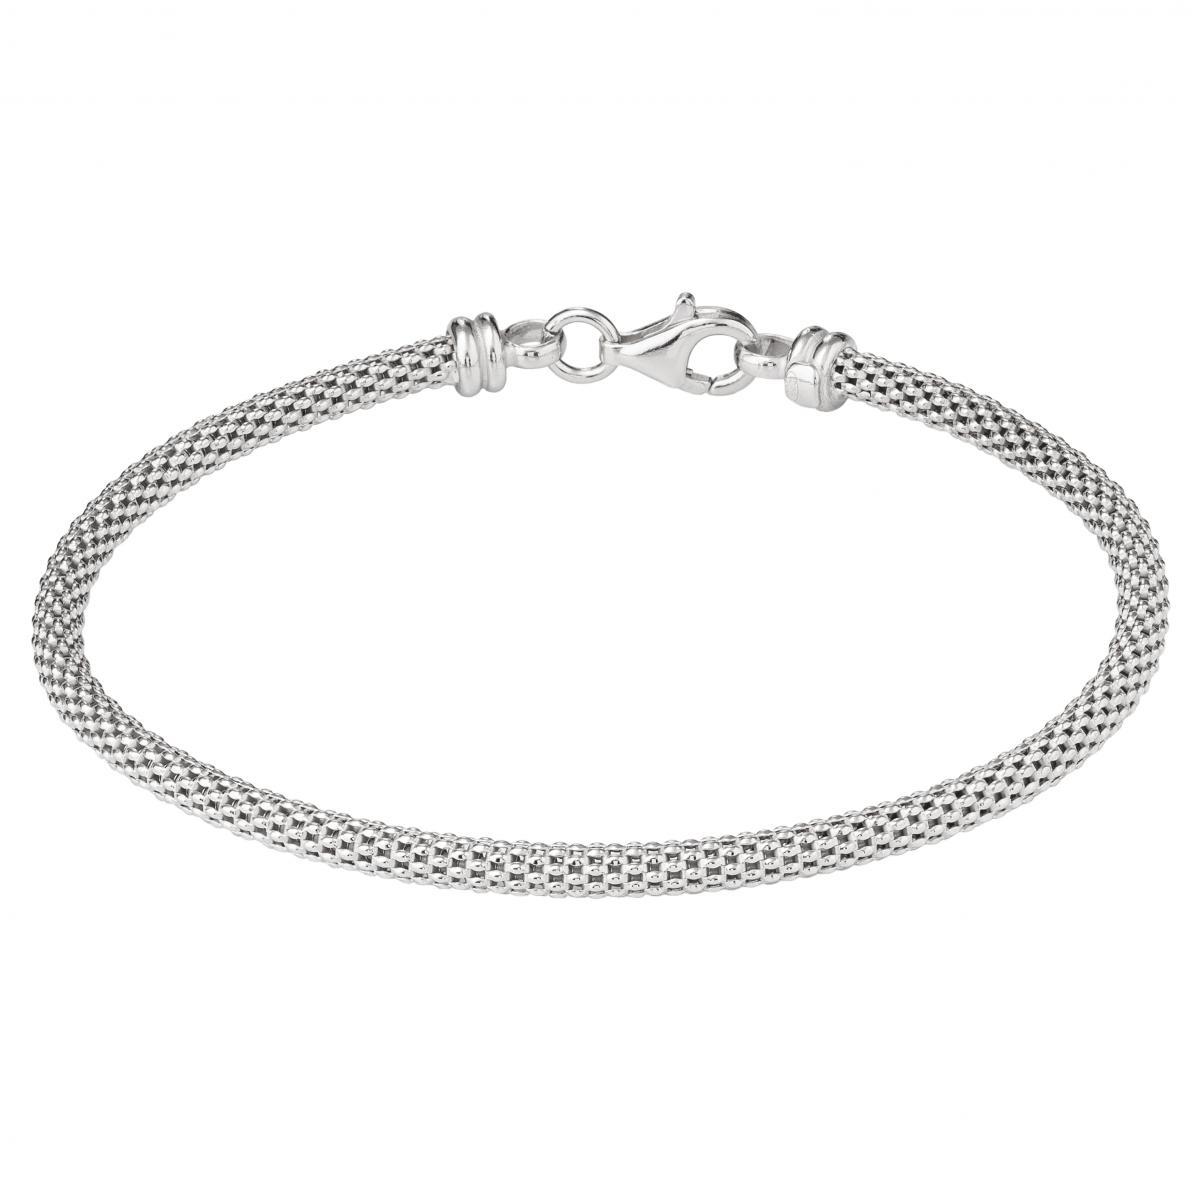 Браслет срібний жіночий  ``Sorriso`` BRKRN8PL 300y